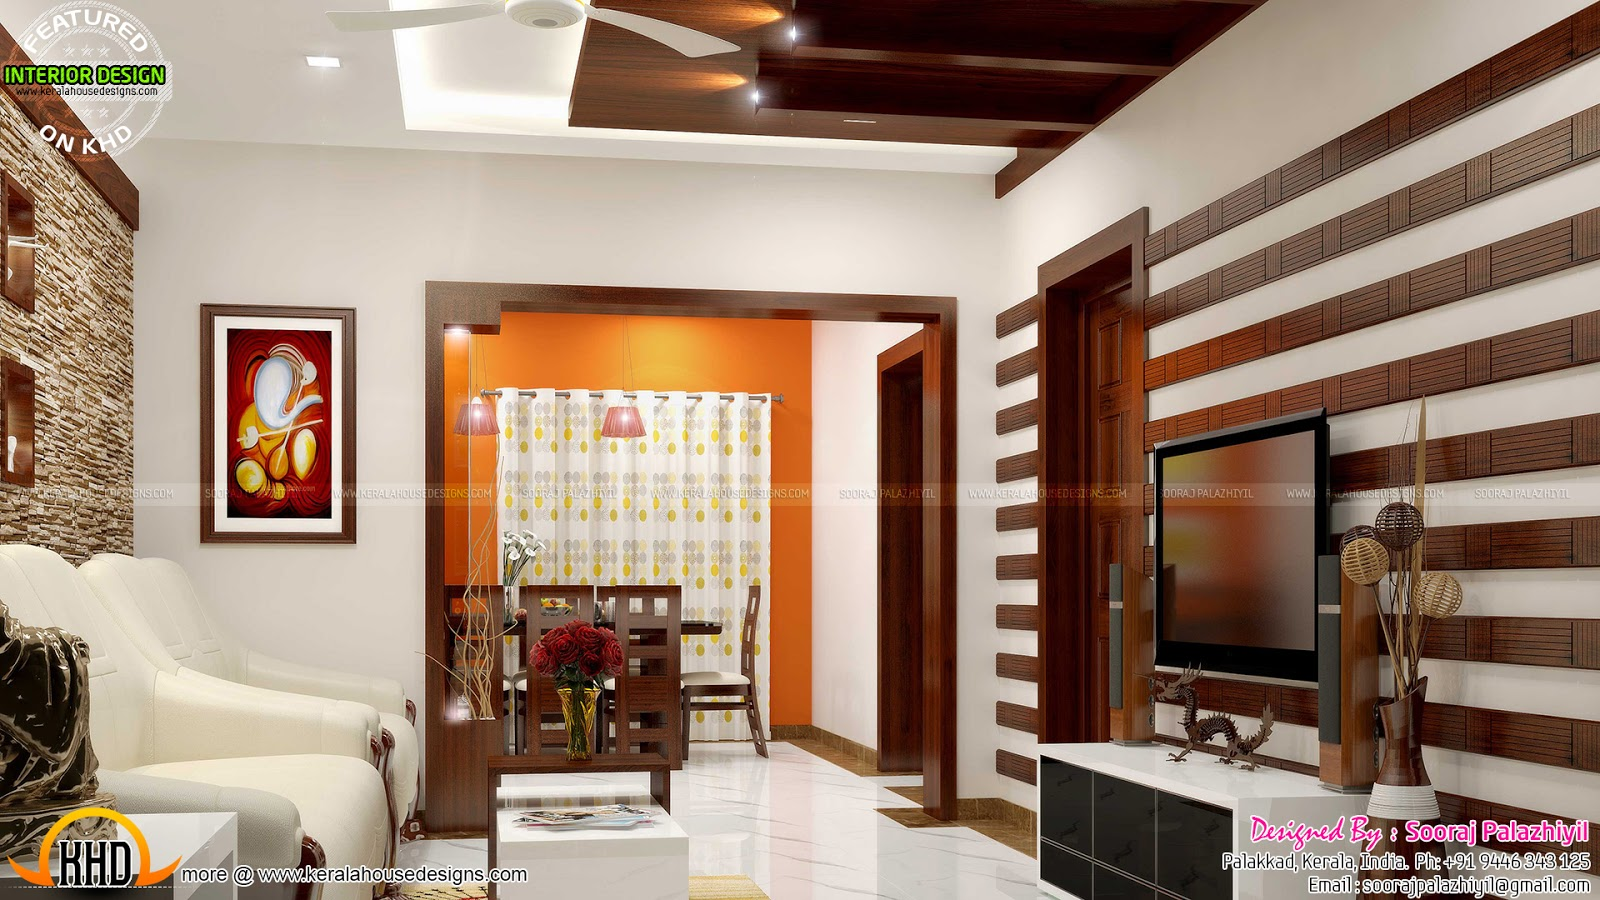 Simple apartment interior in Kerala - Kerala home design ...